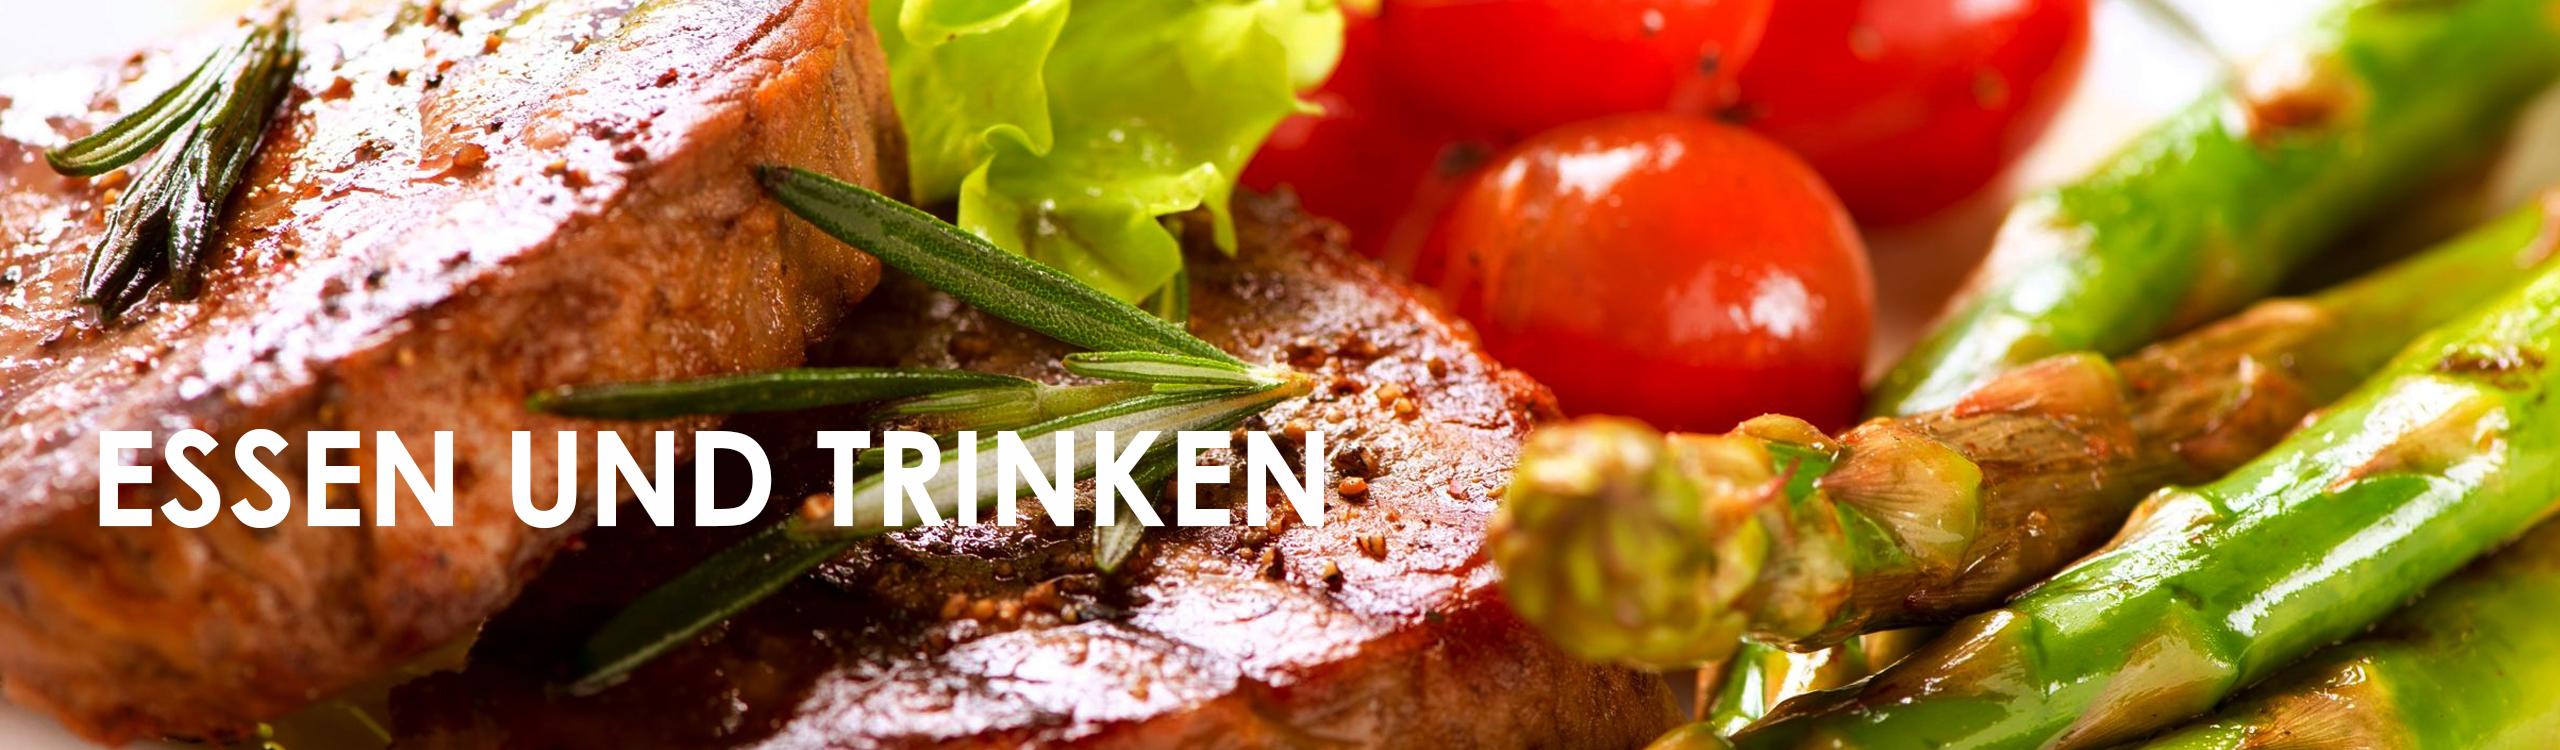 essen-und-trinken.jpg